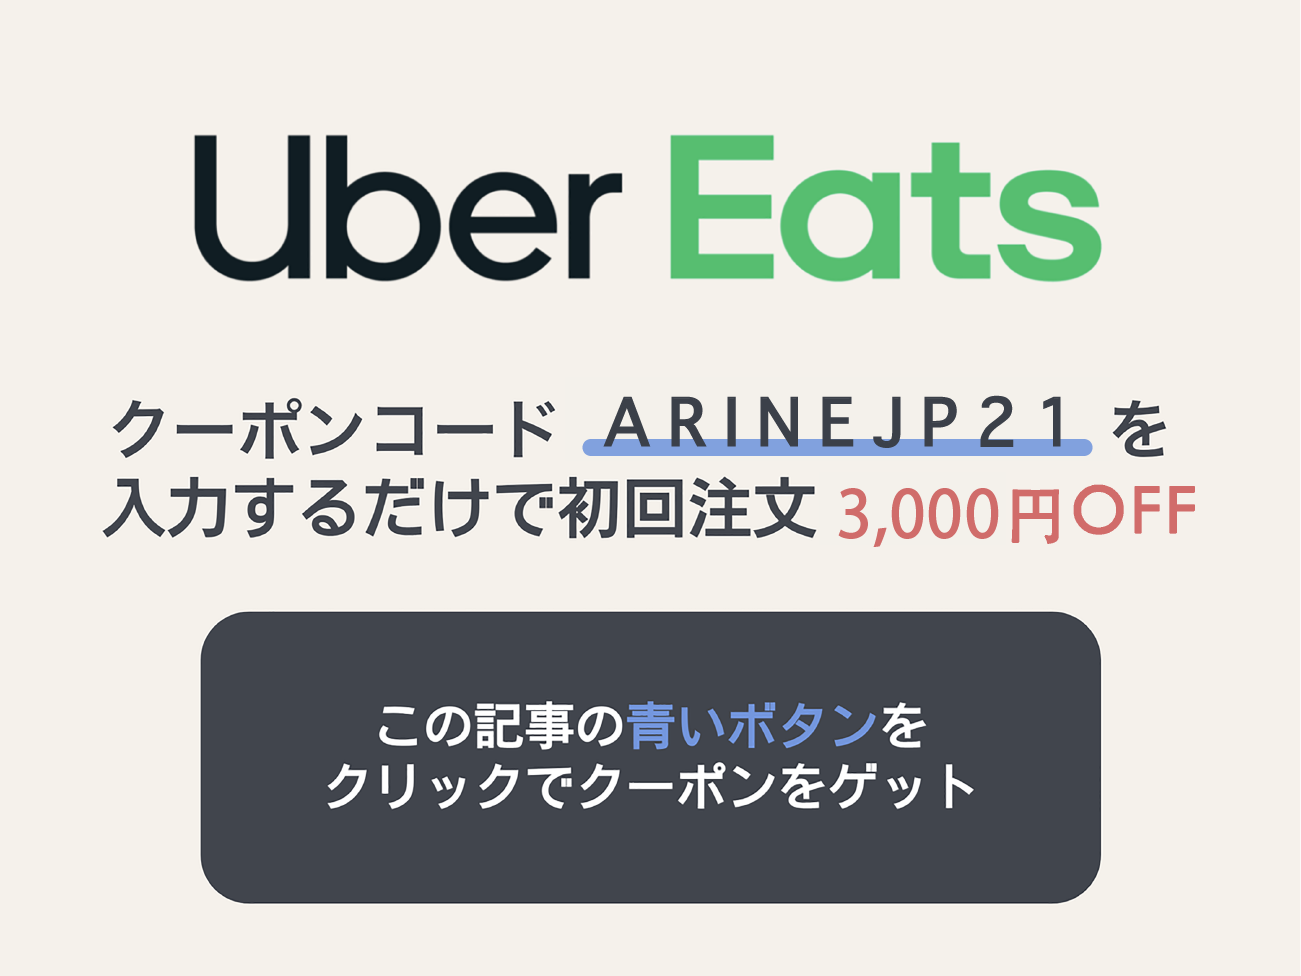 10/20最新!Uber Eats(ウーバーイーツ)クーポン情報と入手方法を徹底網羅の1枚目の画像